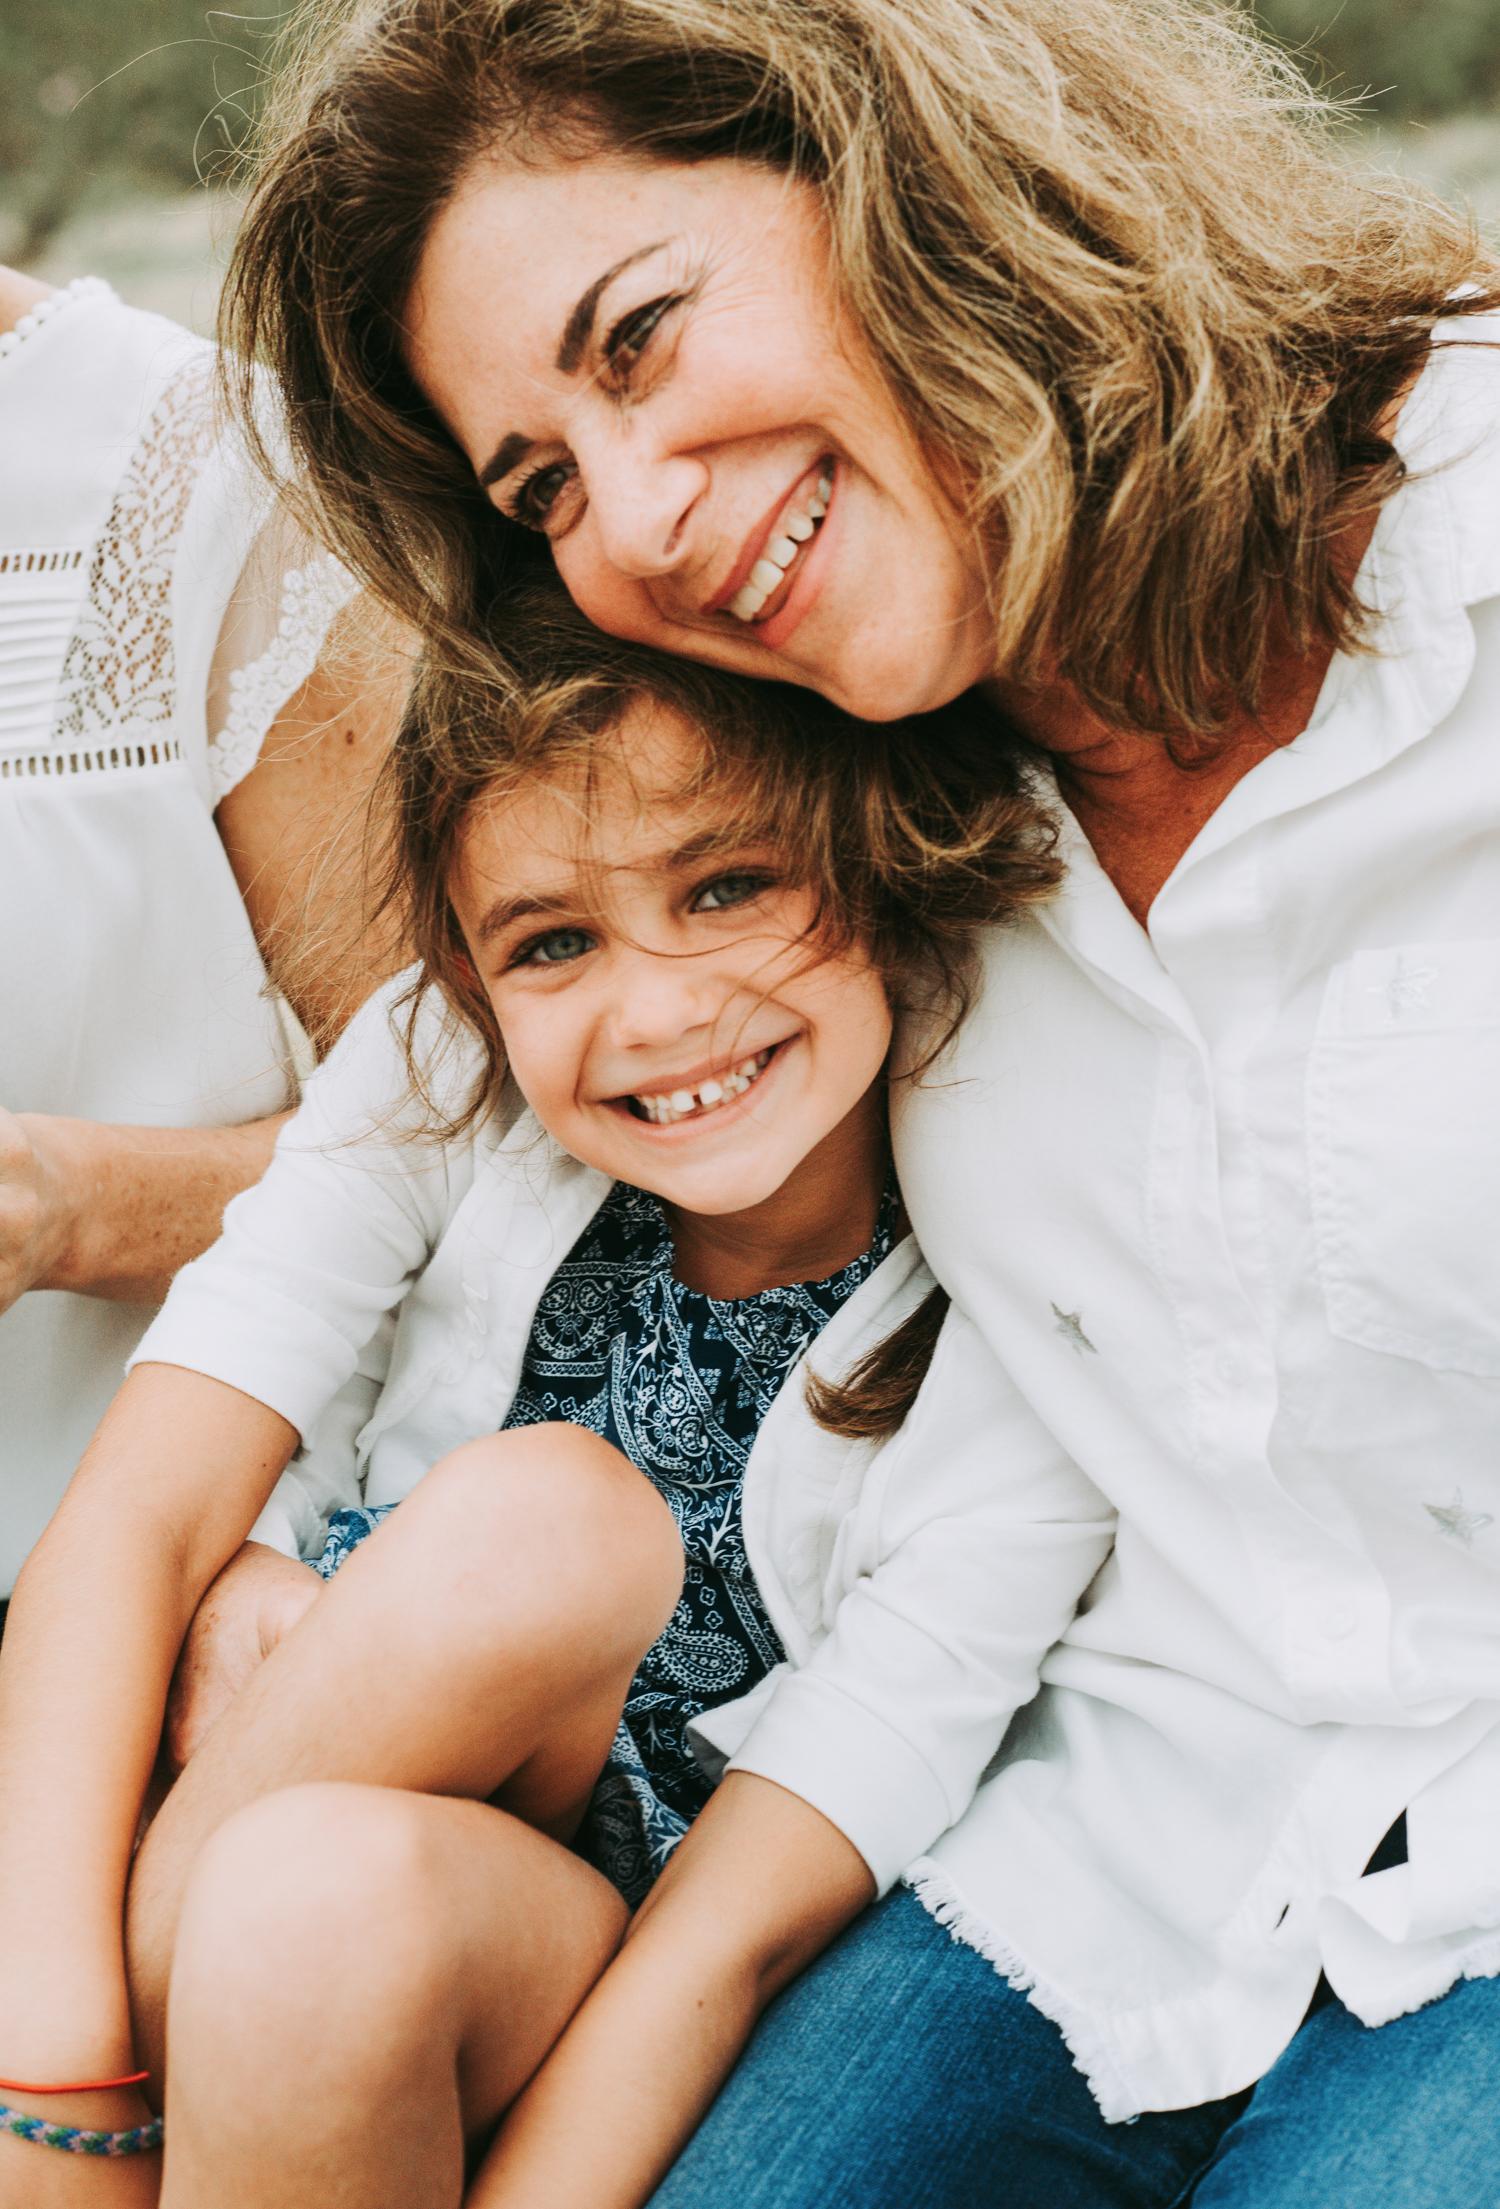 family_portrait_session_marthas_vineyard_photographer-6.jpg